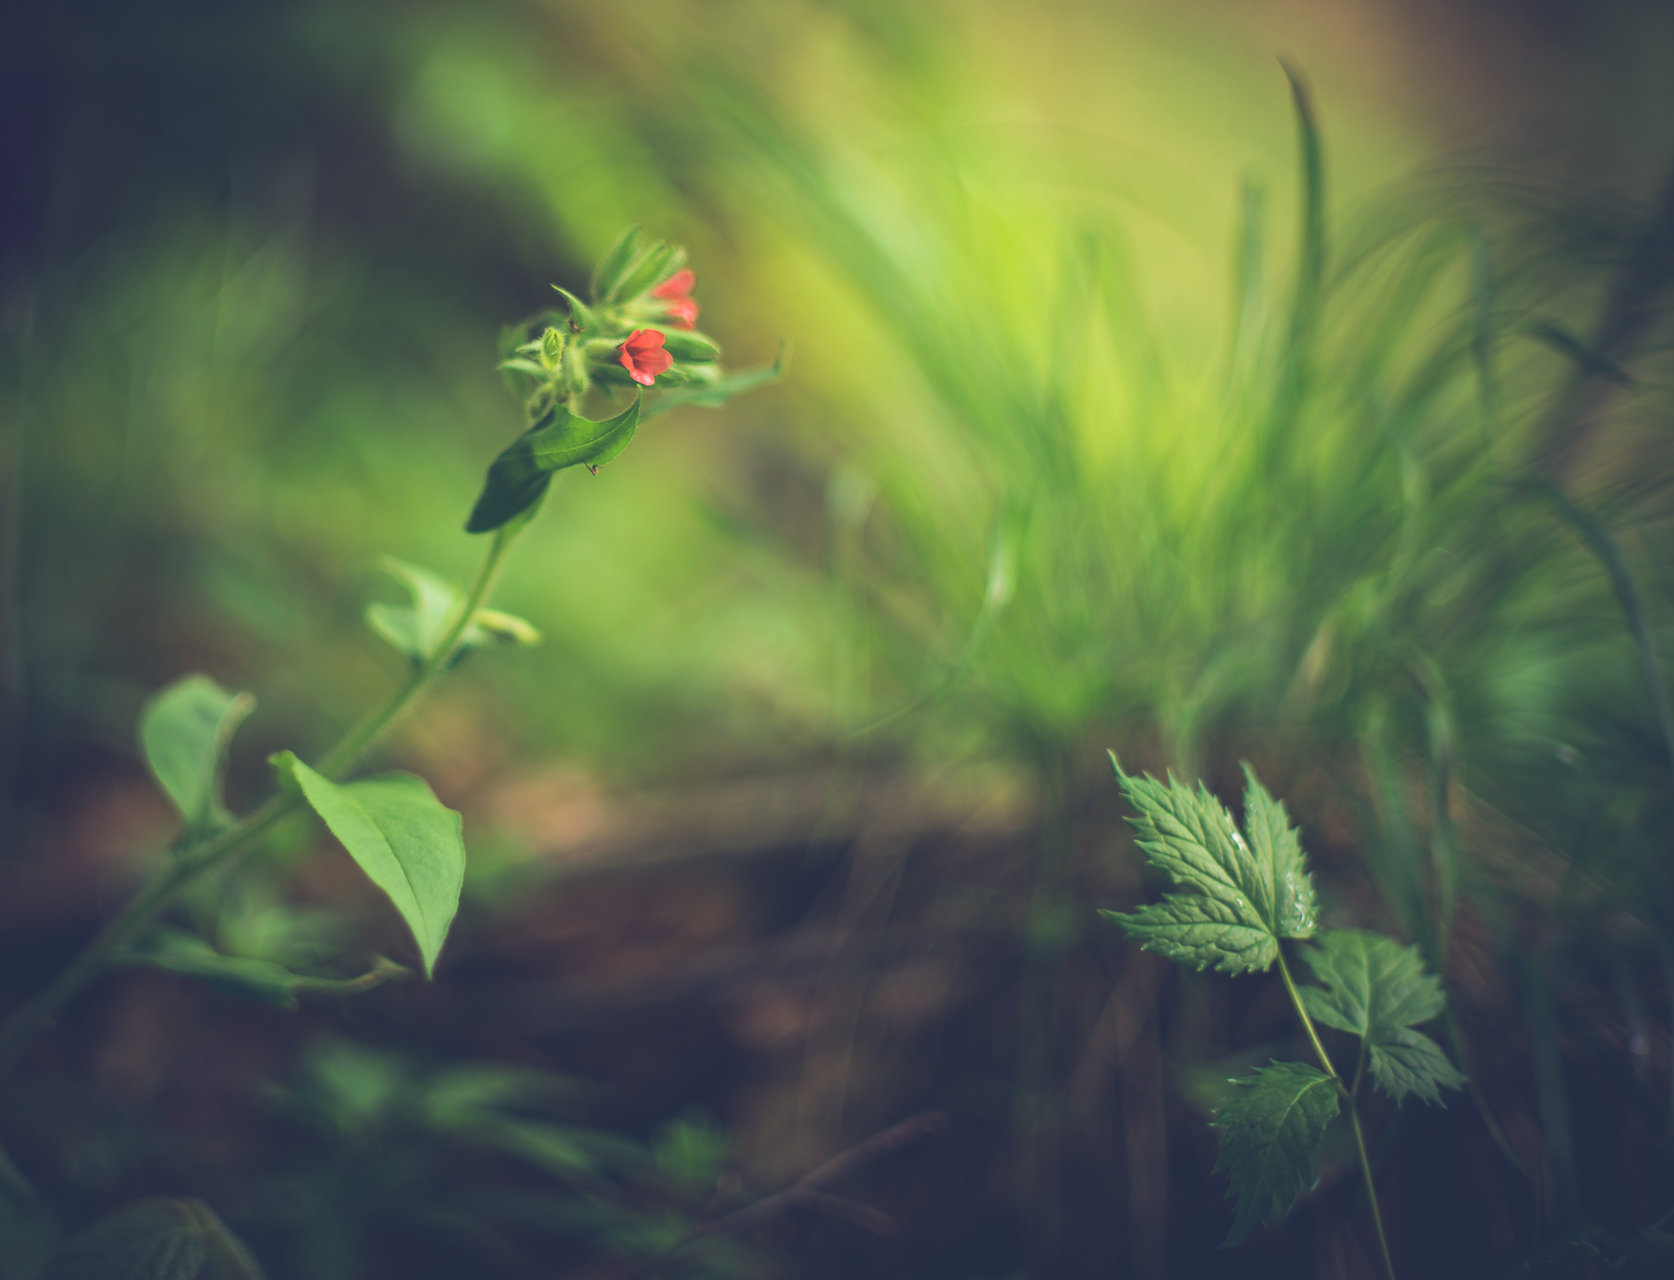 Когато природата и обективът започнат да рисуват заедно | Author Pavel Valchev - spotter84 | PHOTO FORUM